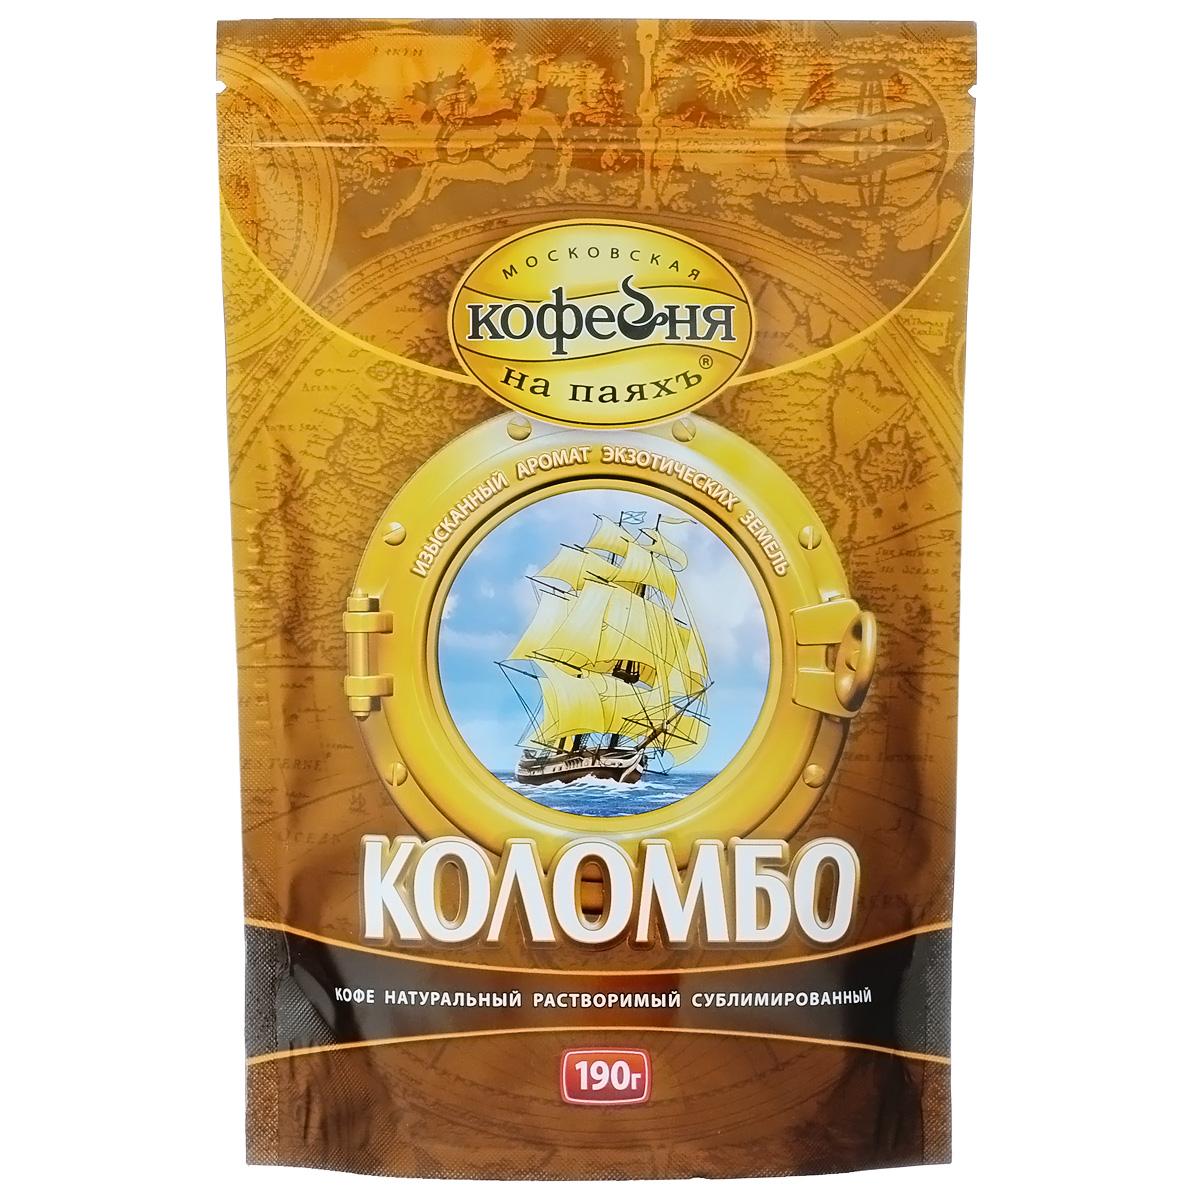 Московская кофейня на паяхъ Коломбо кофе рaстворимый, пакет 190 г4601985003404Кофе натуральный растворимый сублимированный Московская кофейня на паяхъ Коломбо. Приготовлен из высококачественной Арабики. Темная обжарка придает крепкий насыщенный вкус и глубокий аромат. Родина кофе – Африка, но только в странах Латинской Америки он нашел свой истинный дом, ведь идеальные условия для возделывания кофейного дерева самой природой созданы именно там. Коломбо понравится тем, кто ценит крепкий кофе со сложным, чуть терпким вкусом. Если Арабика кажется вам слишком мягкой, попробуйте Коломбо. Это идеально выверенная смесь сортов арабики из Южной и Центральной Америки.